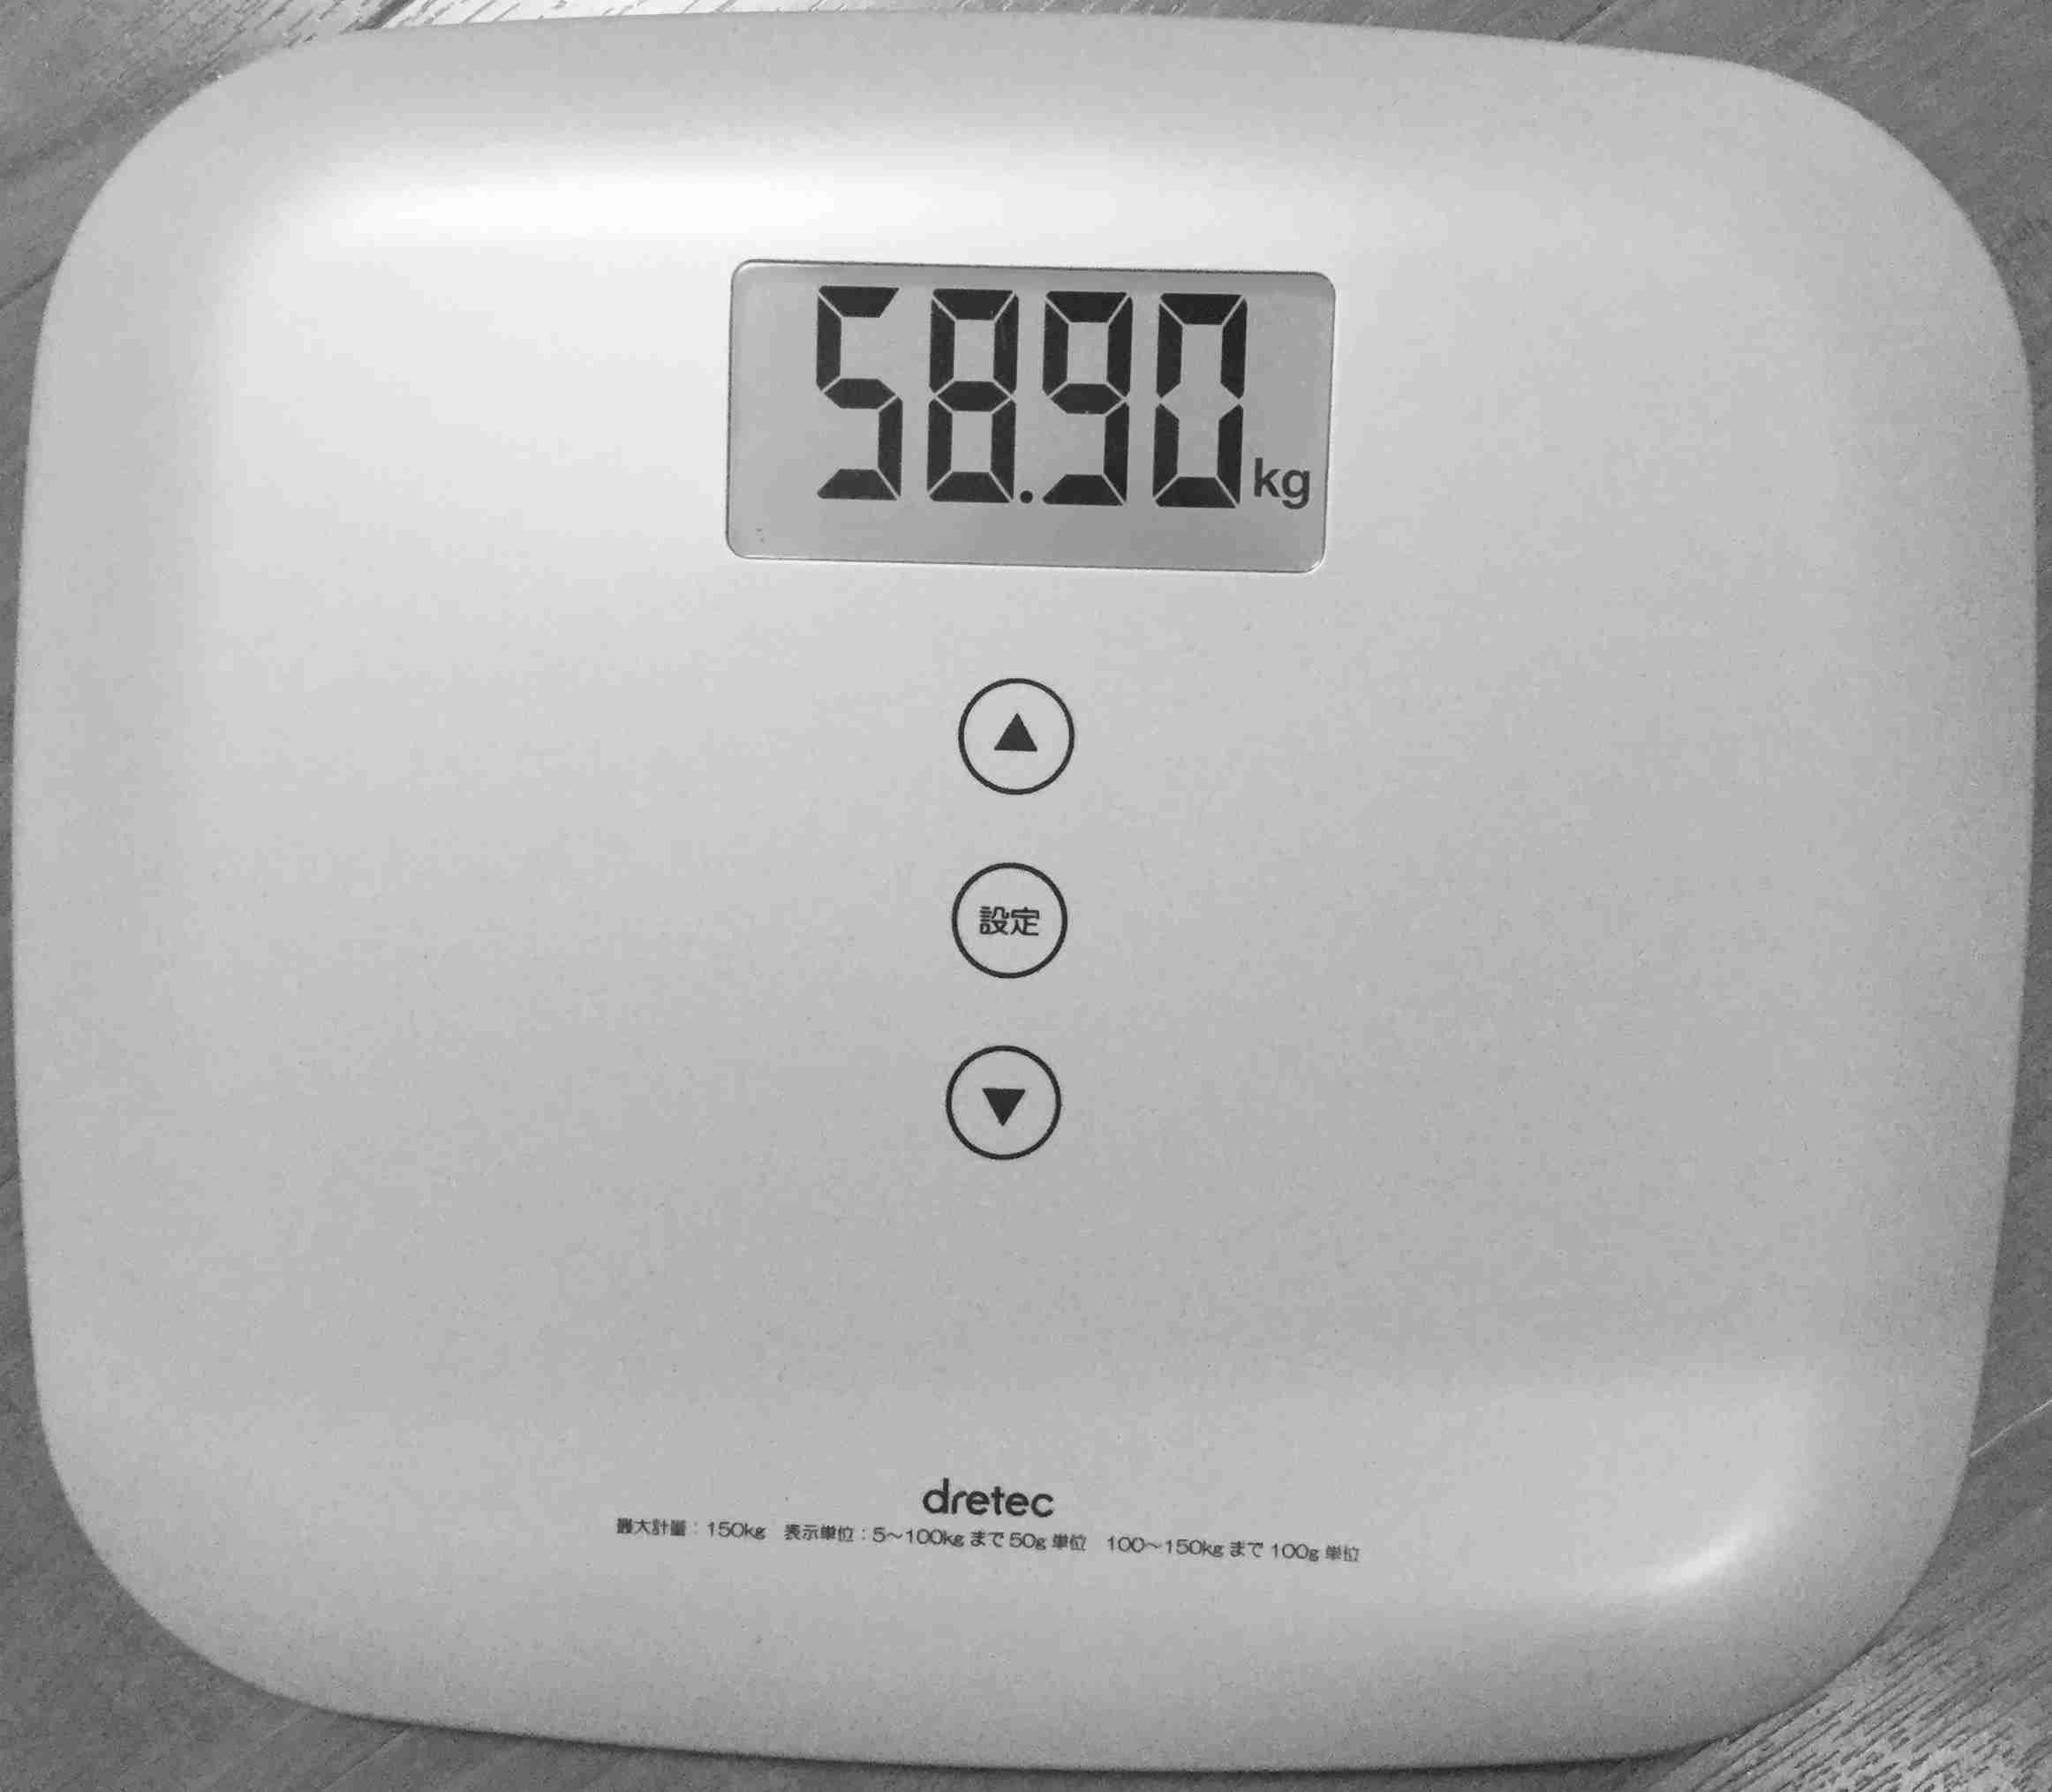 今すぐ体重計に乗って正直に数値を書くトピ